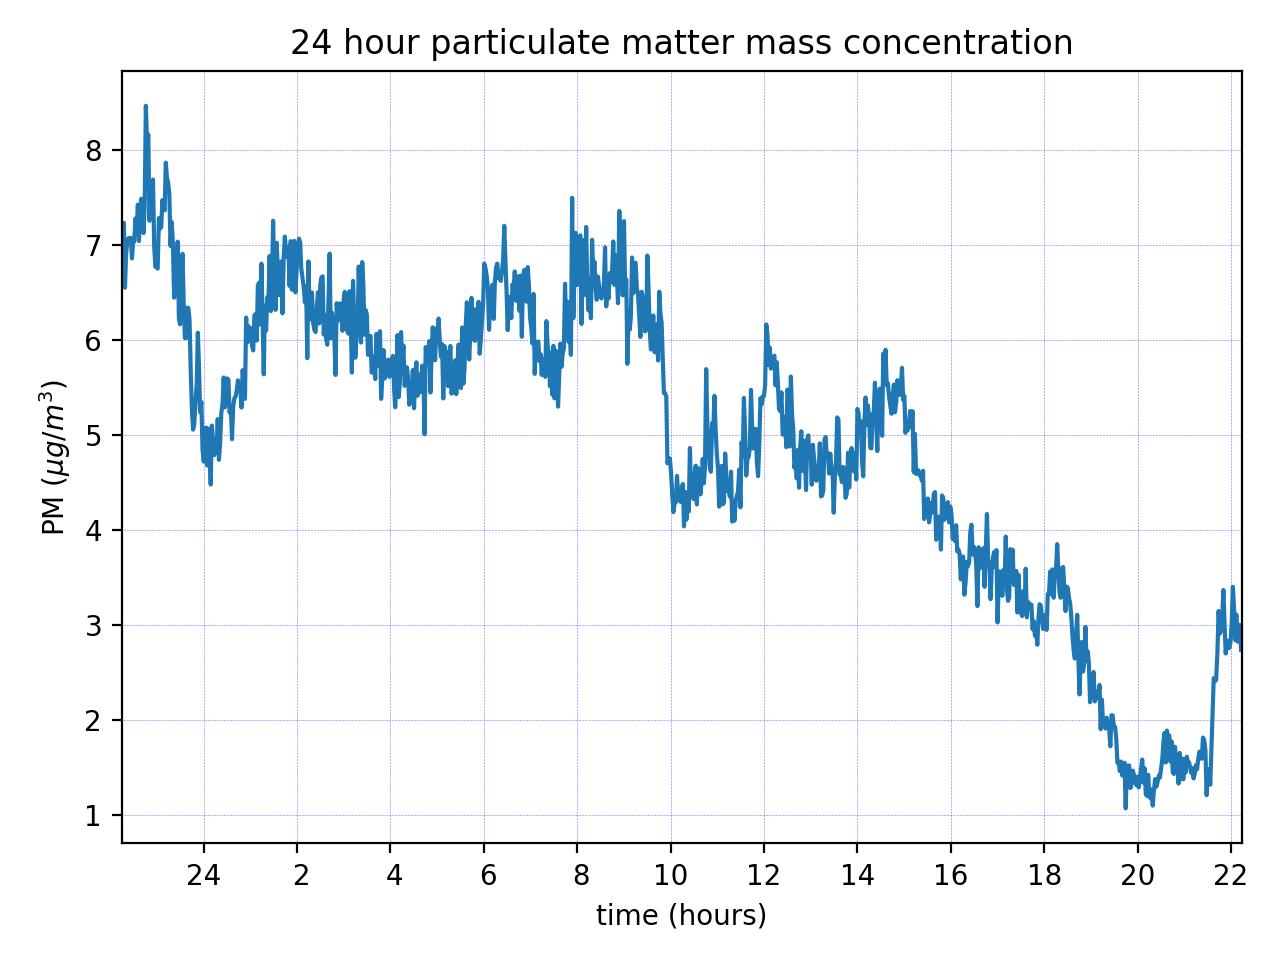 PM10 mass